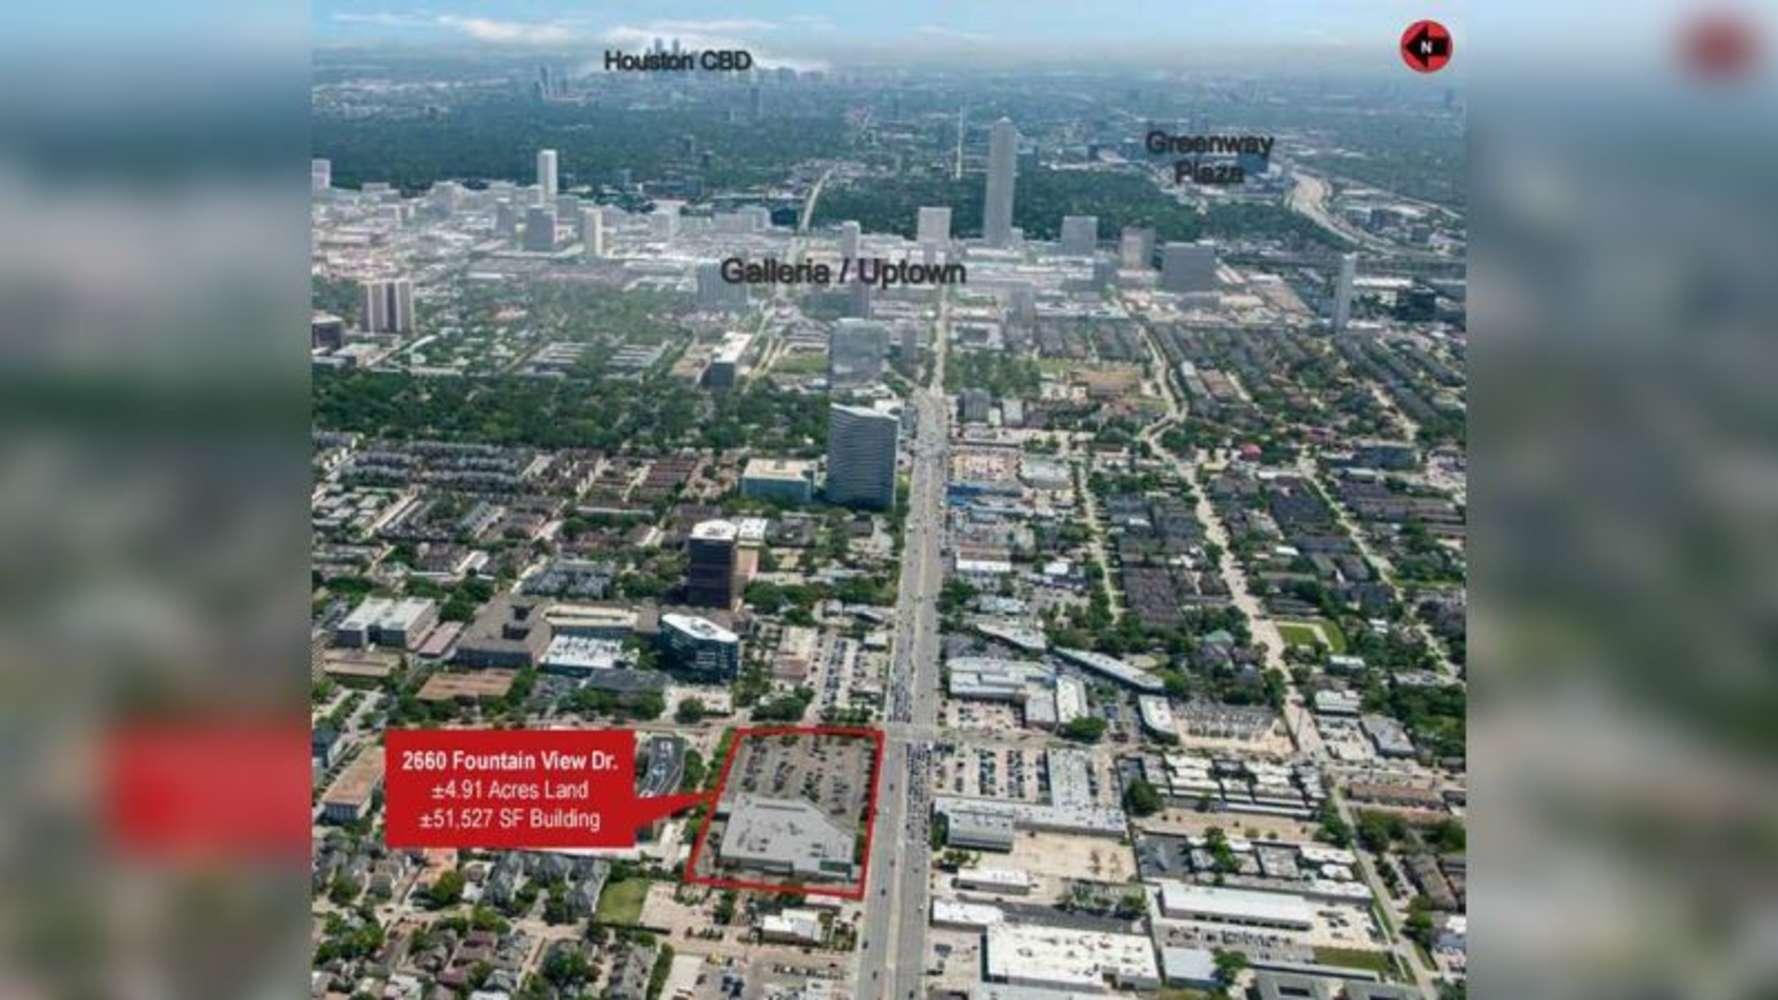 Land Houston, 77057-7606 - 2660 Fountain View